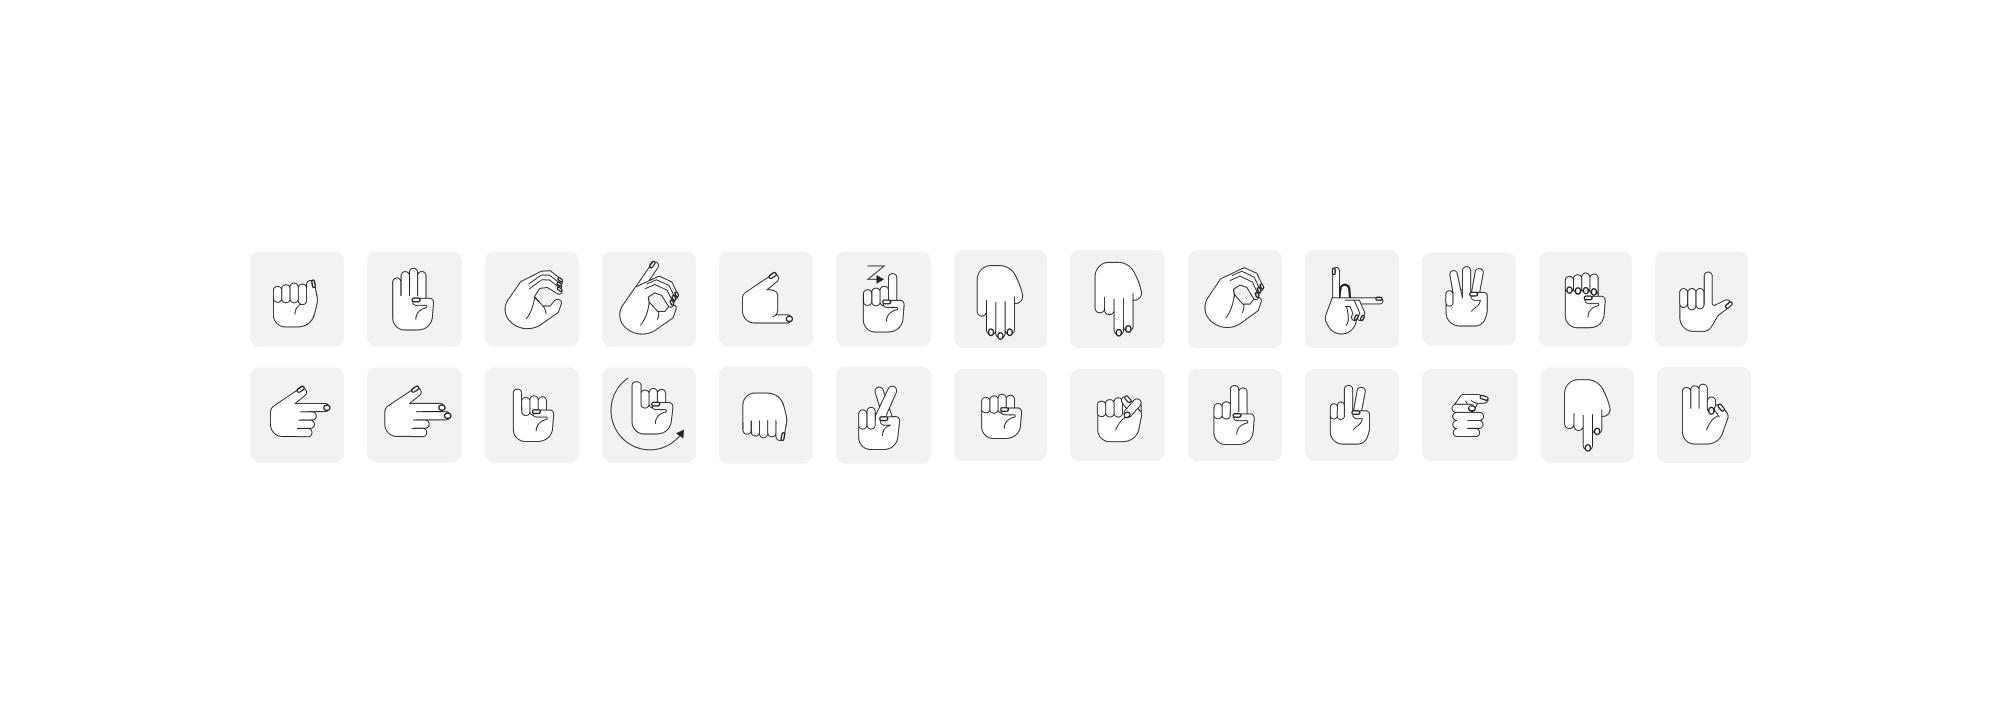 Lenguaje de señas mexicanas iconography